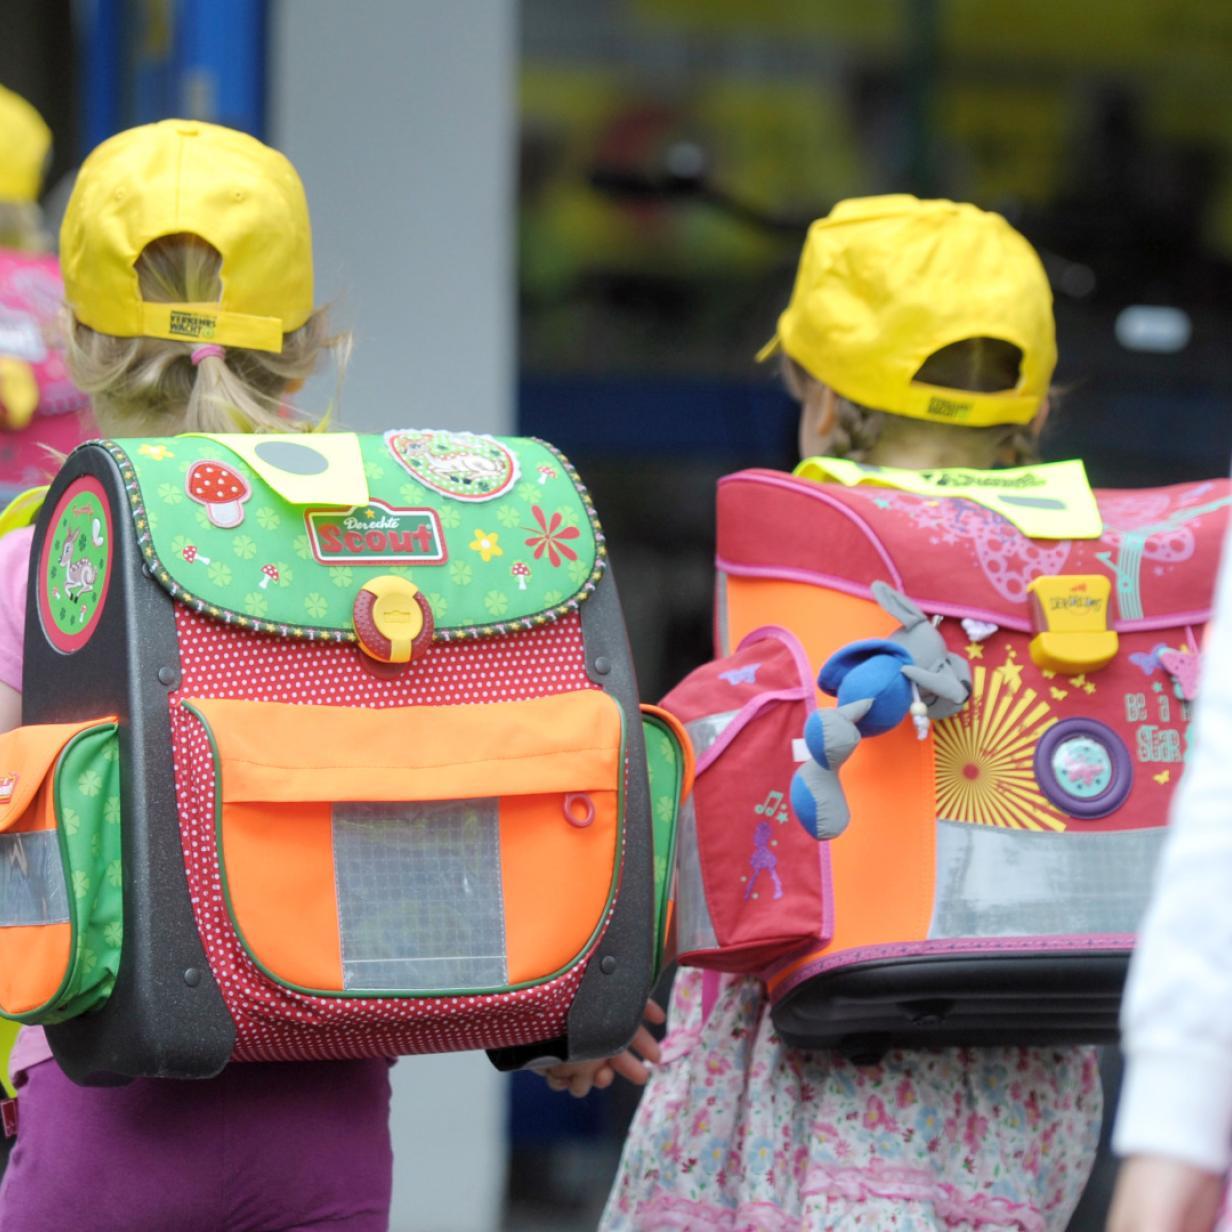 Für mehr Fußgänger: 150.000 Elterntaxis täglich vor Schulen